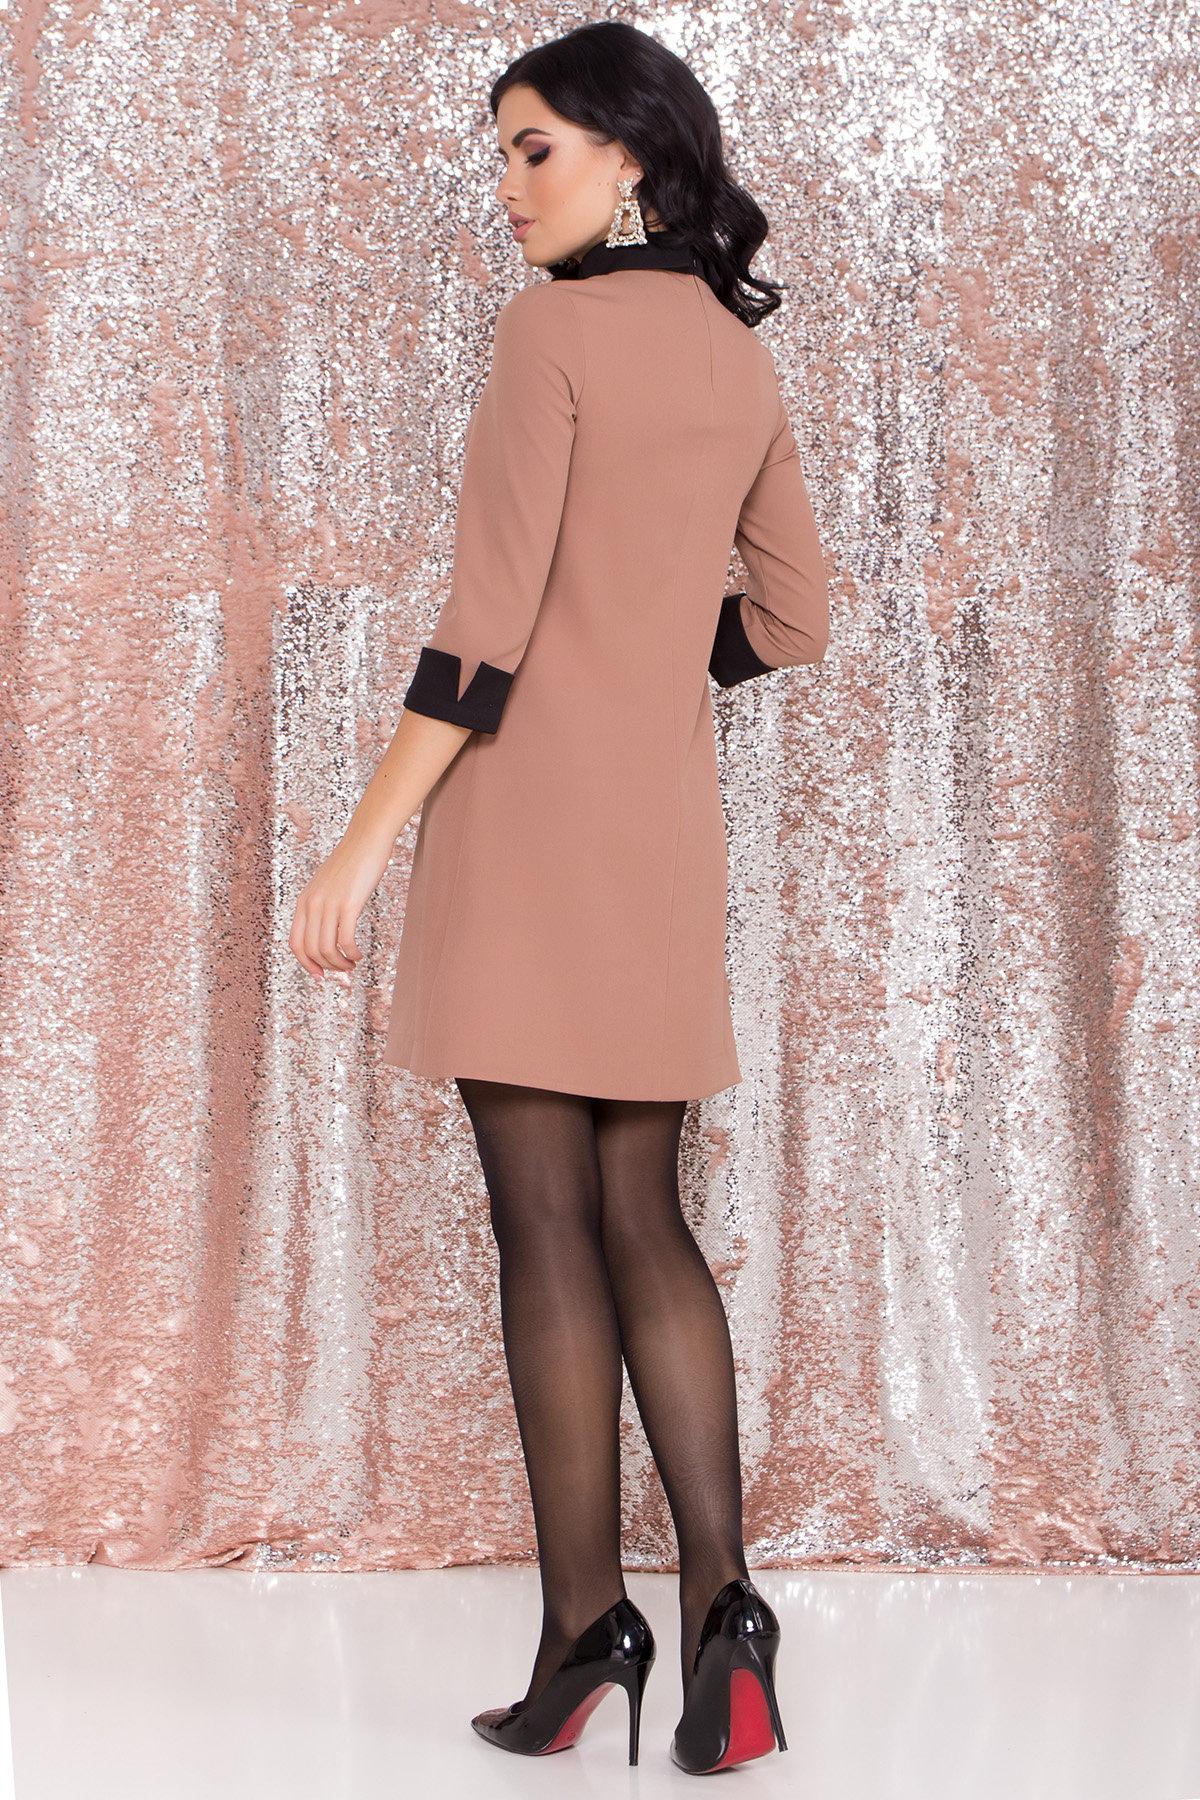 Платье-трапеция Вивьен 8512 АРТ. 44800 Цвет: Бежевый Т/черный - фото 3, интернет магазин tm-modus.ru